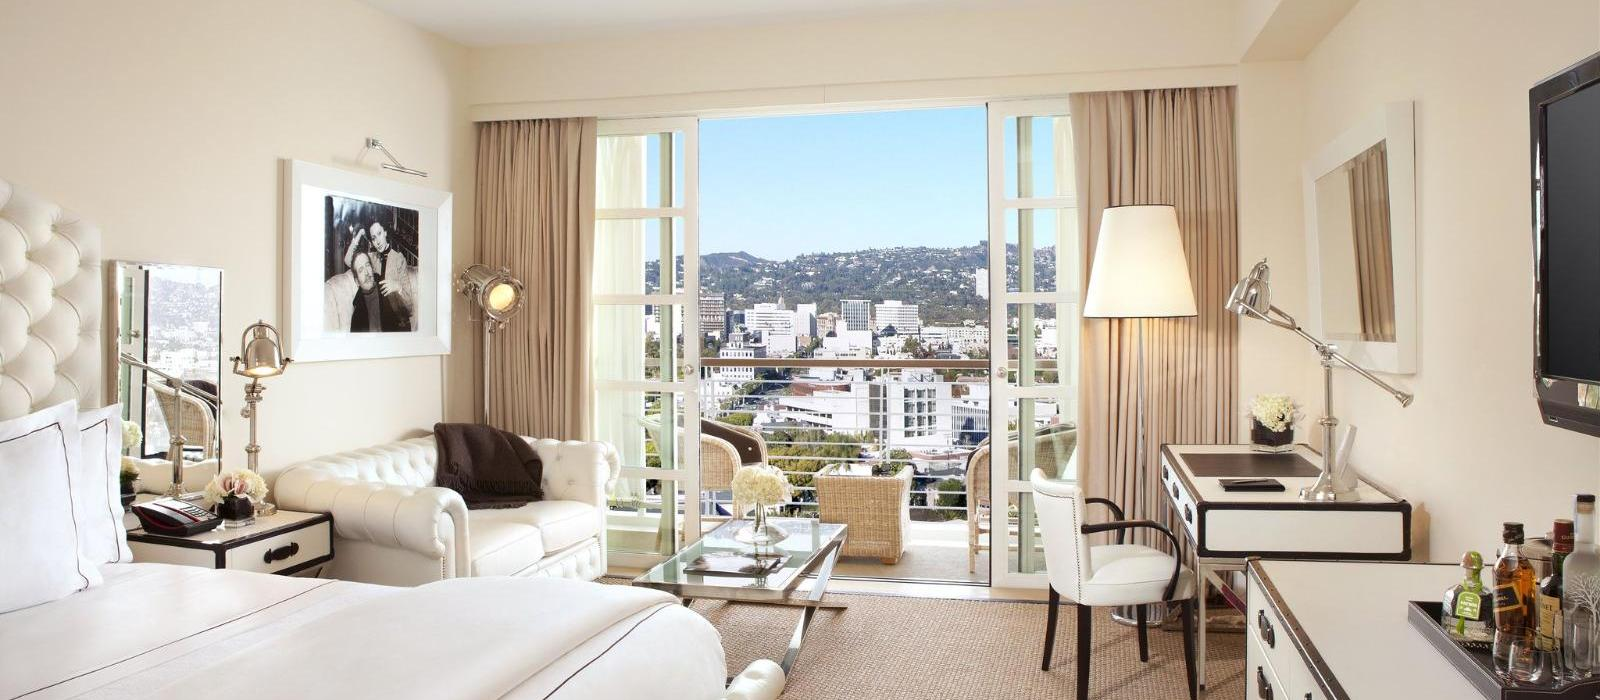 比佛利山庄C先生酒店(Mr. C Beverly Hills) 怀特主楼图片  www.lhw.cn